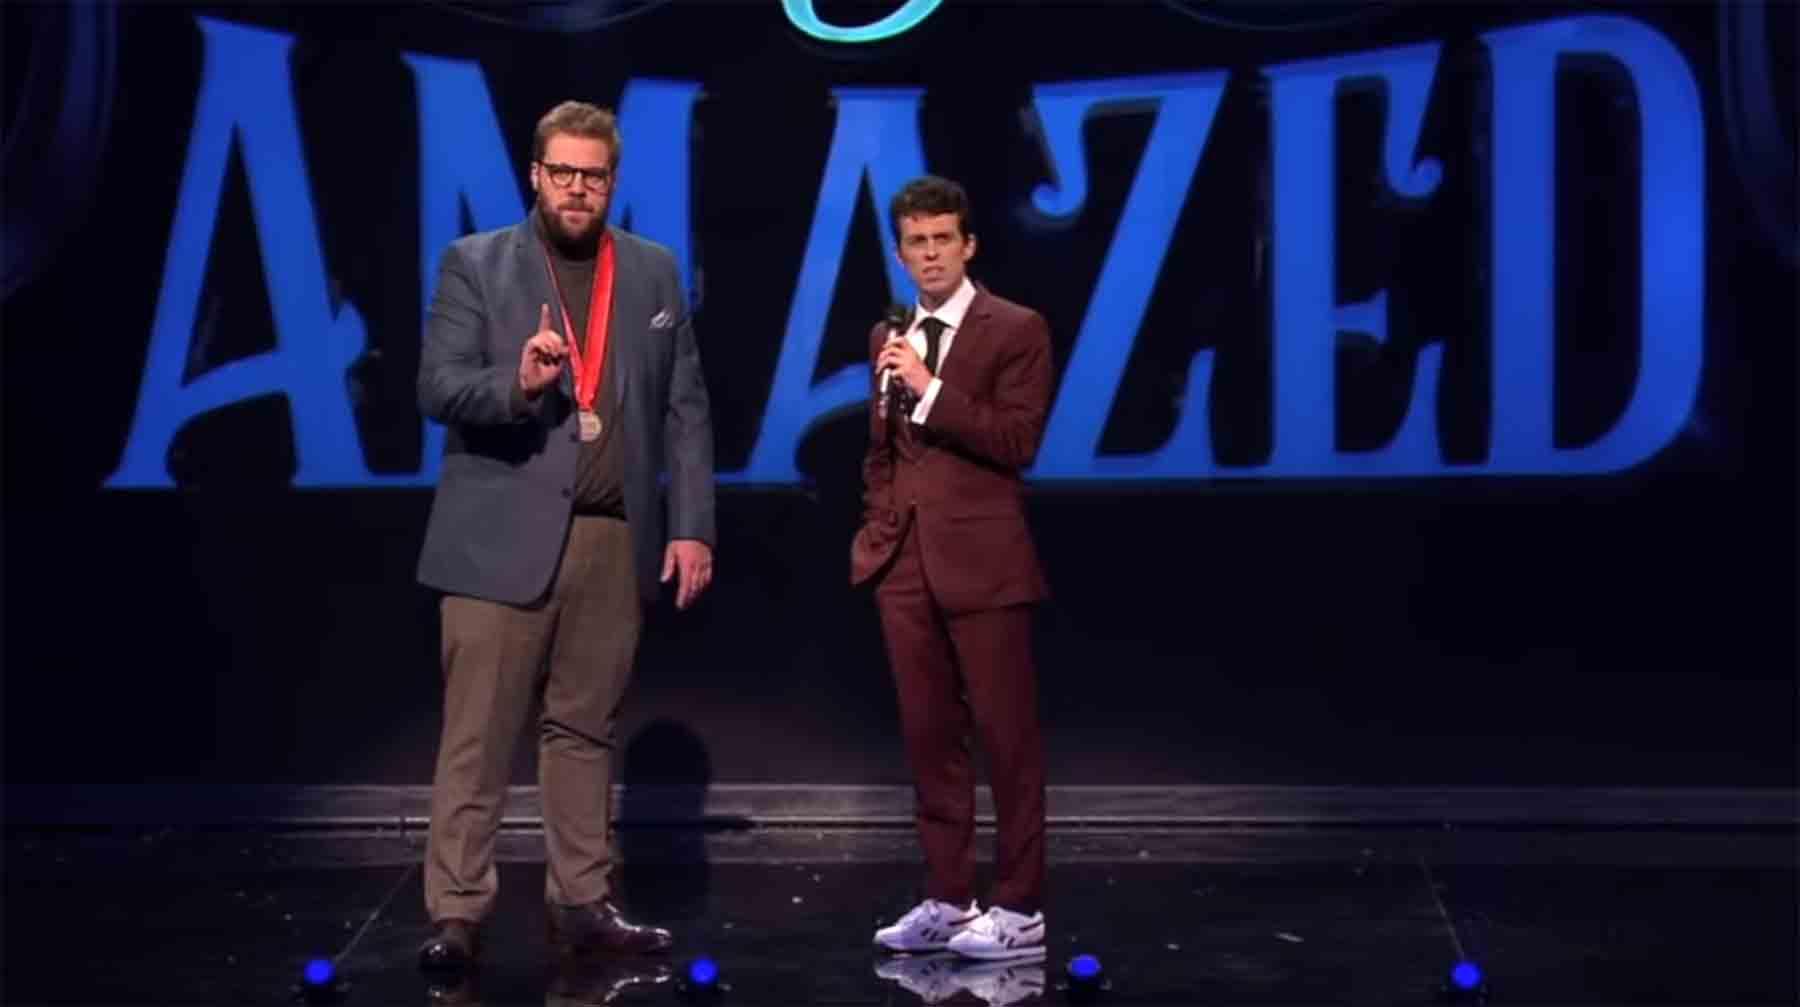 Wenn Magie bewusst schief geht, um Comedy zu schaffen